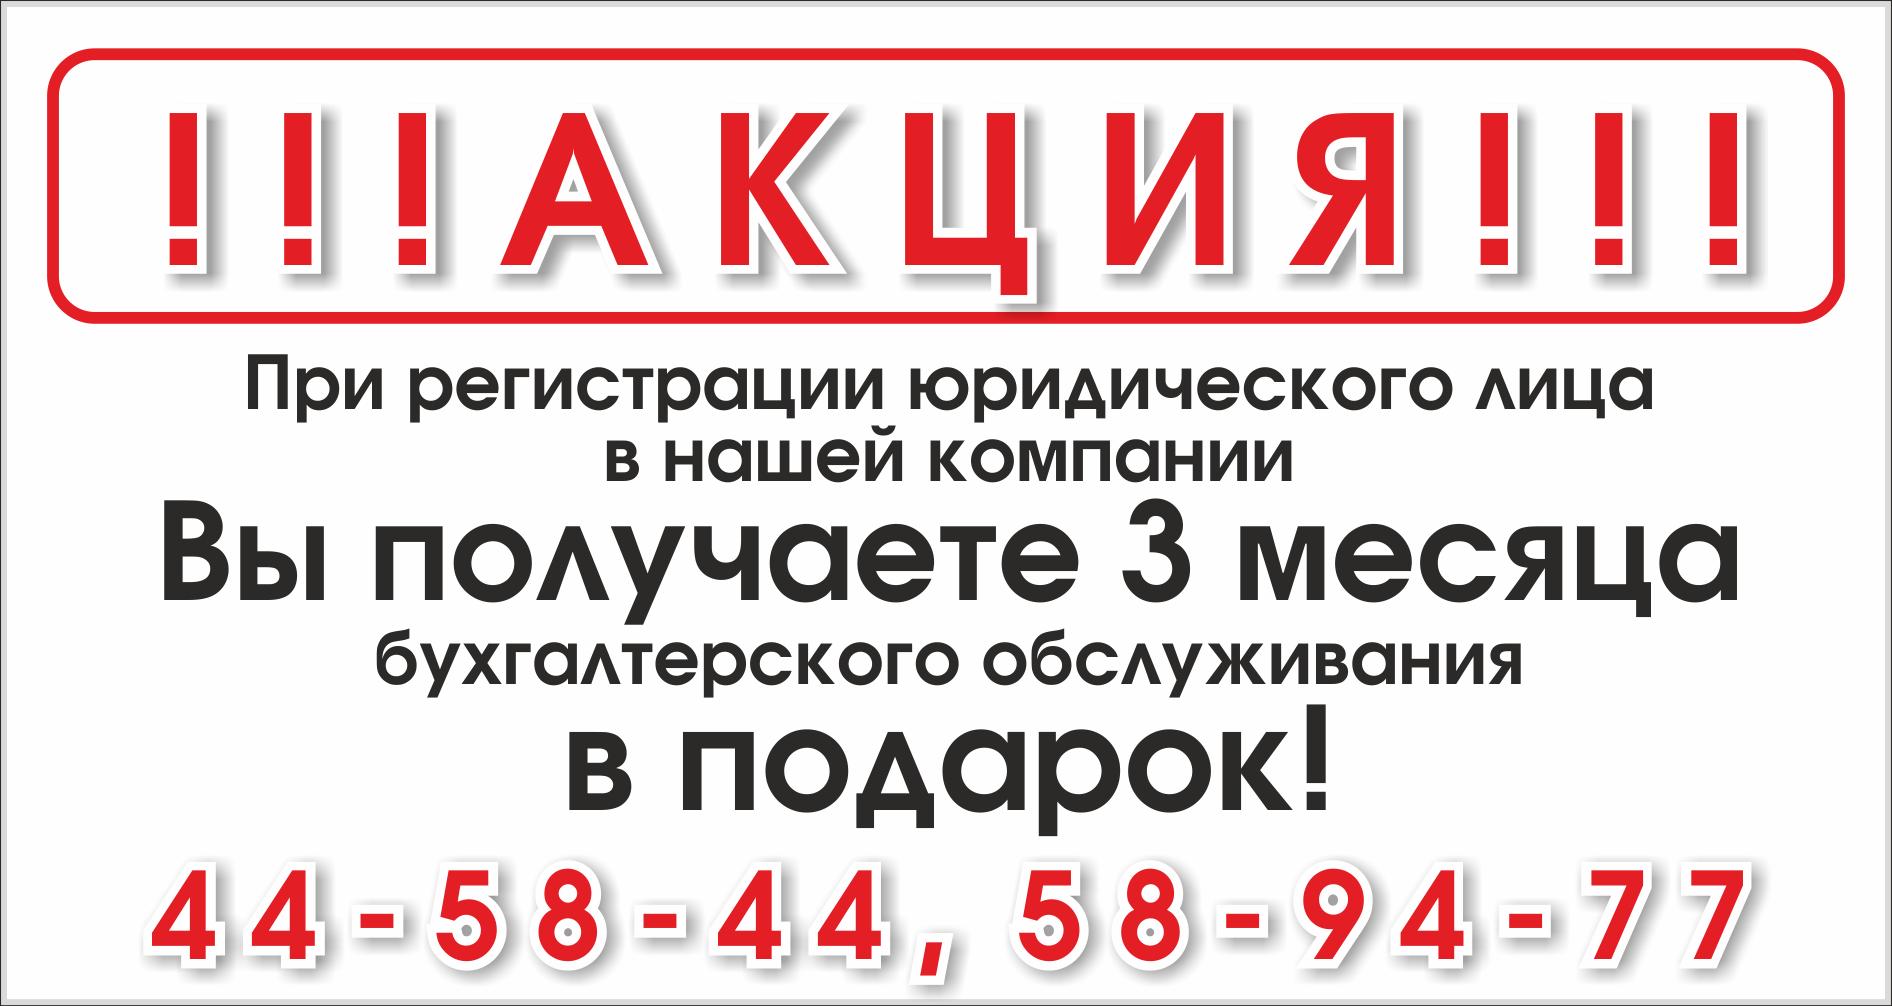 banner_akz